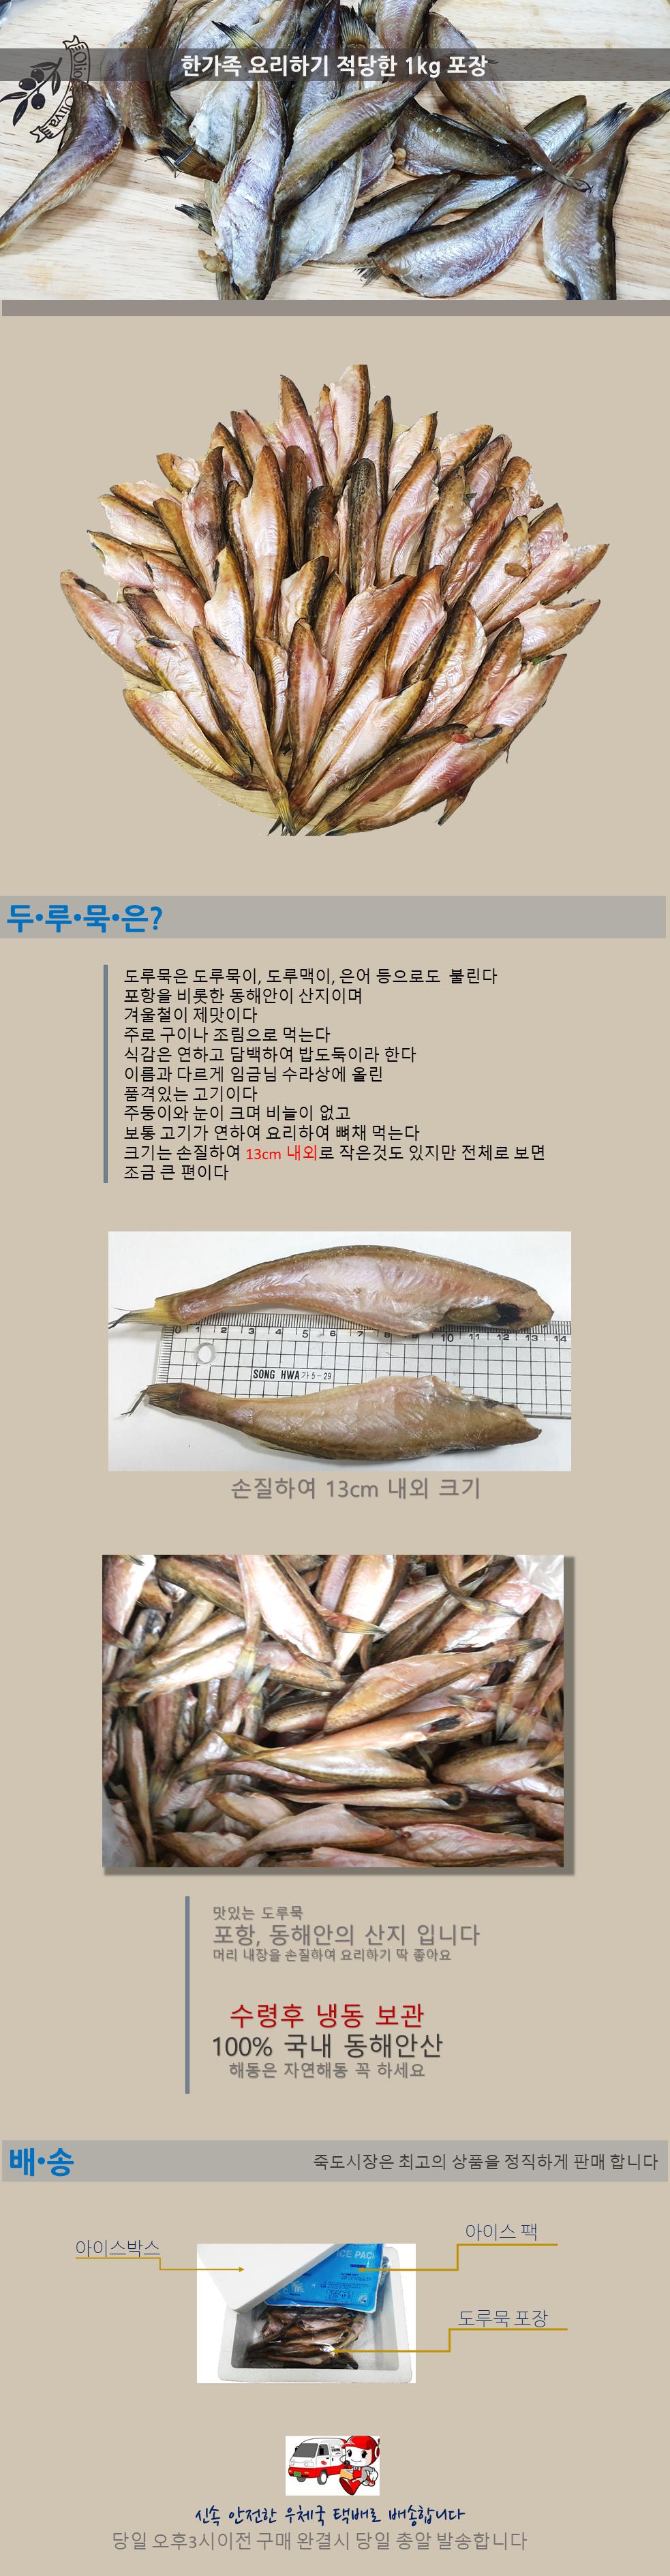 도루묵1kg-02.png